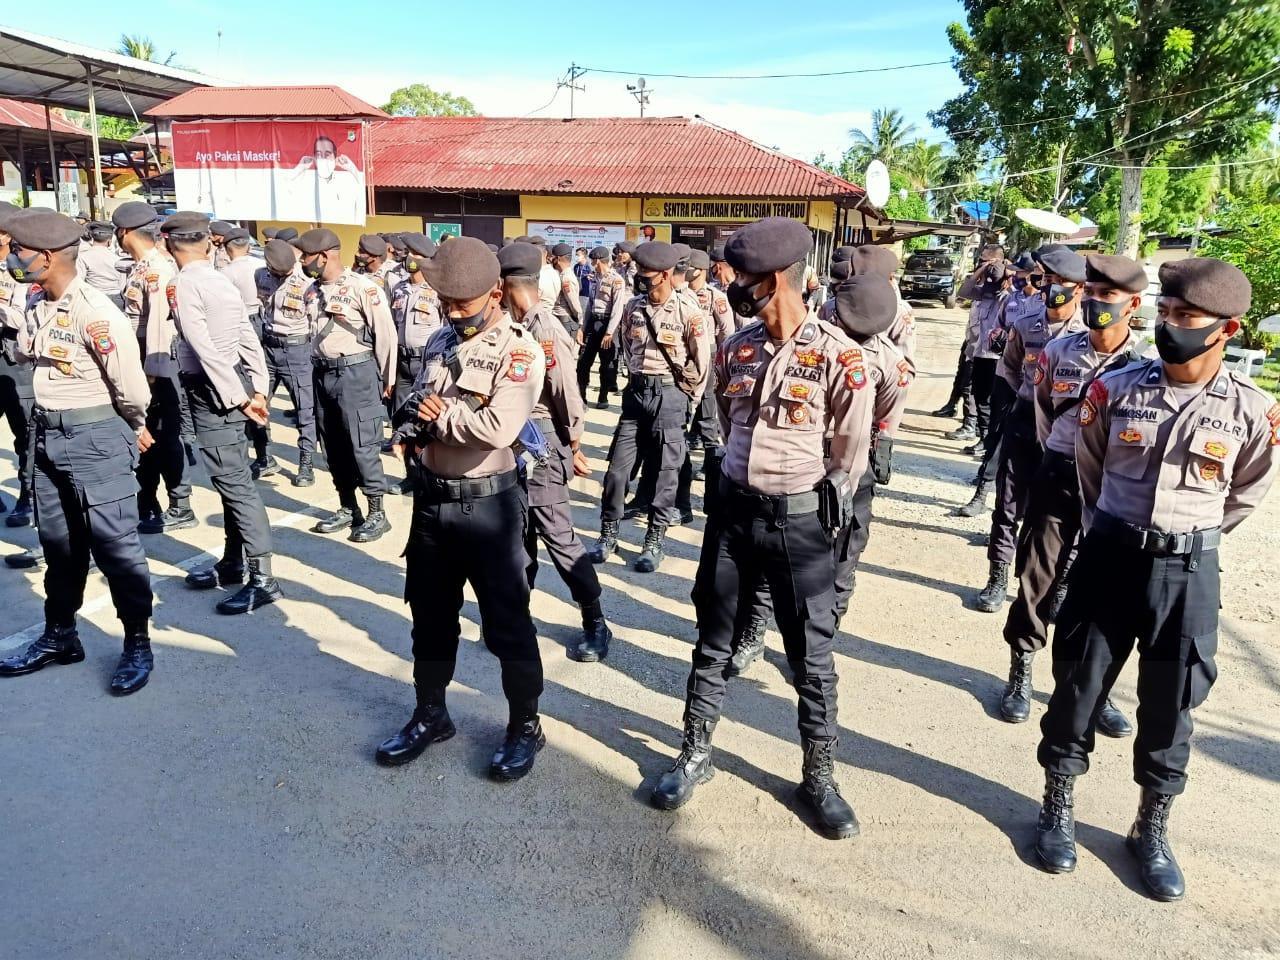 493 Personil Polres Manokwari Disiapkan Amankan Pilkada 1 IMG 20201206 WA0021